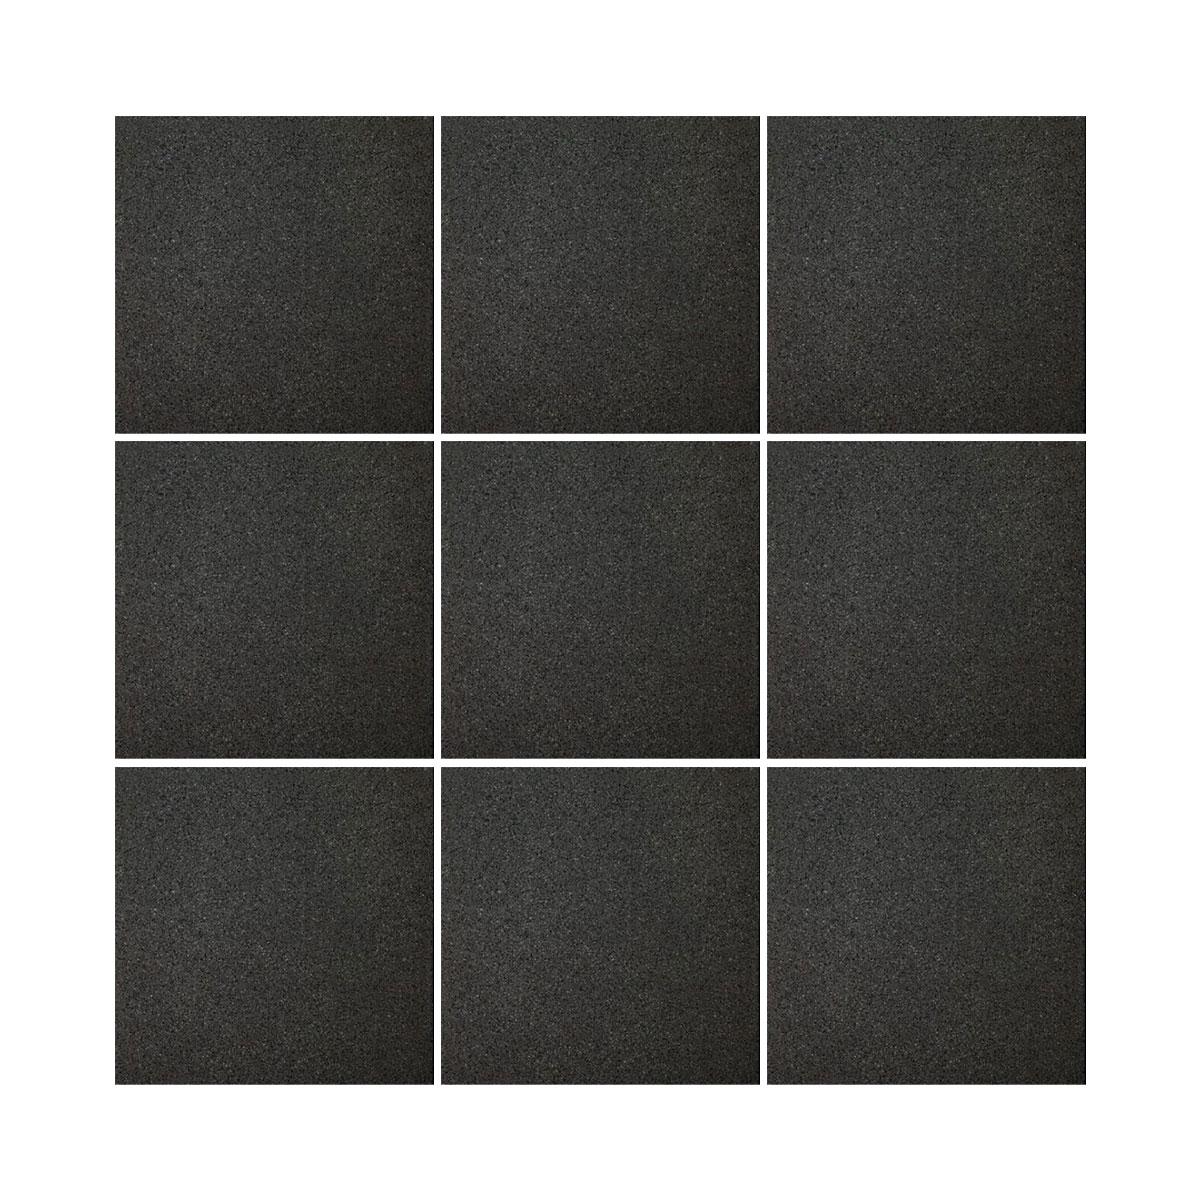 Patio - Black - Commercial Range Tiles